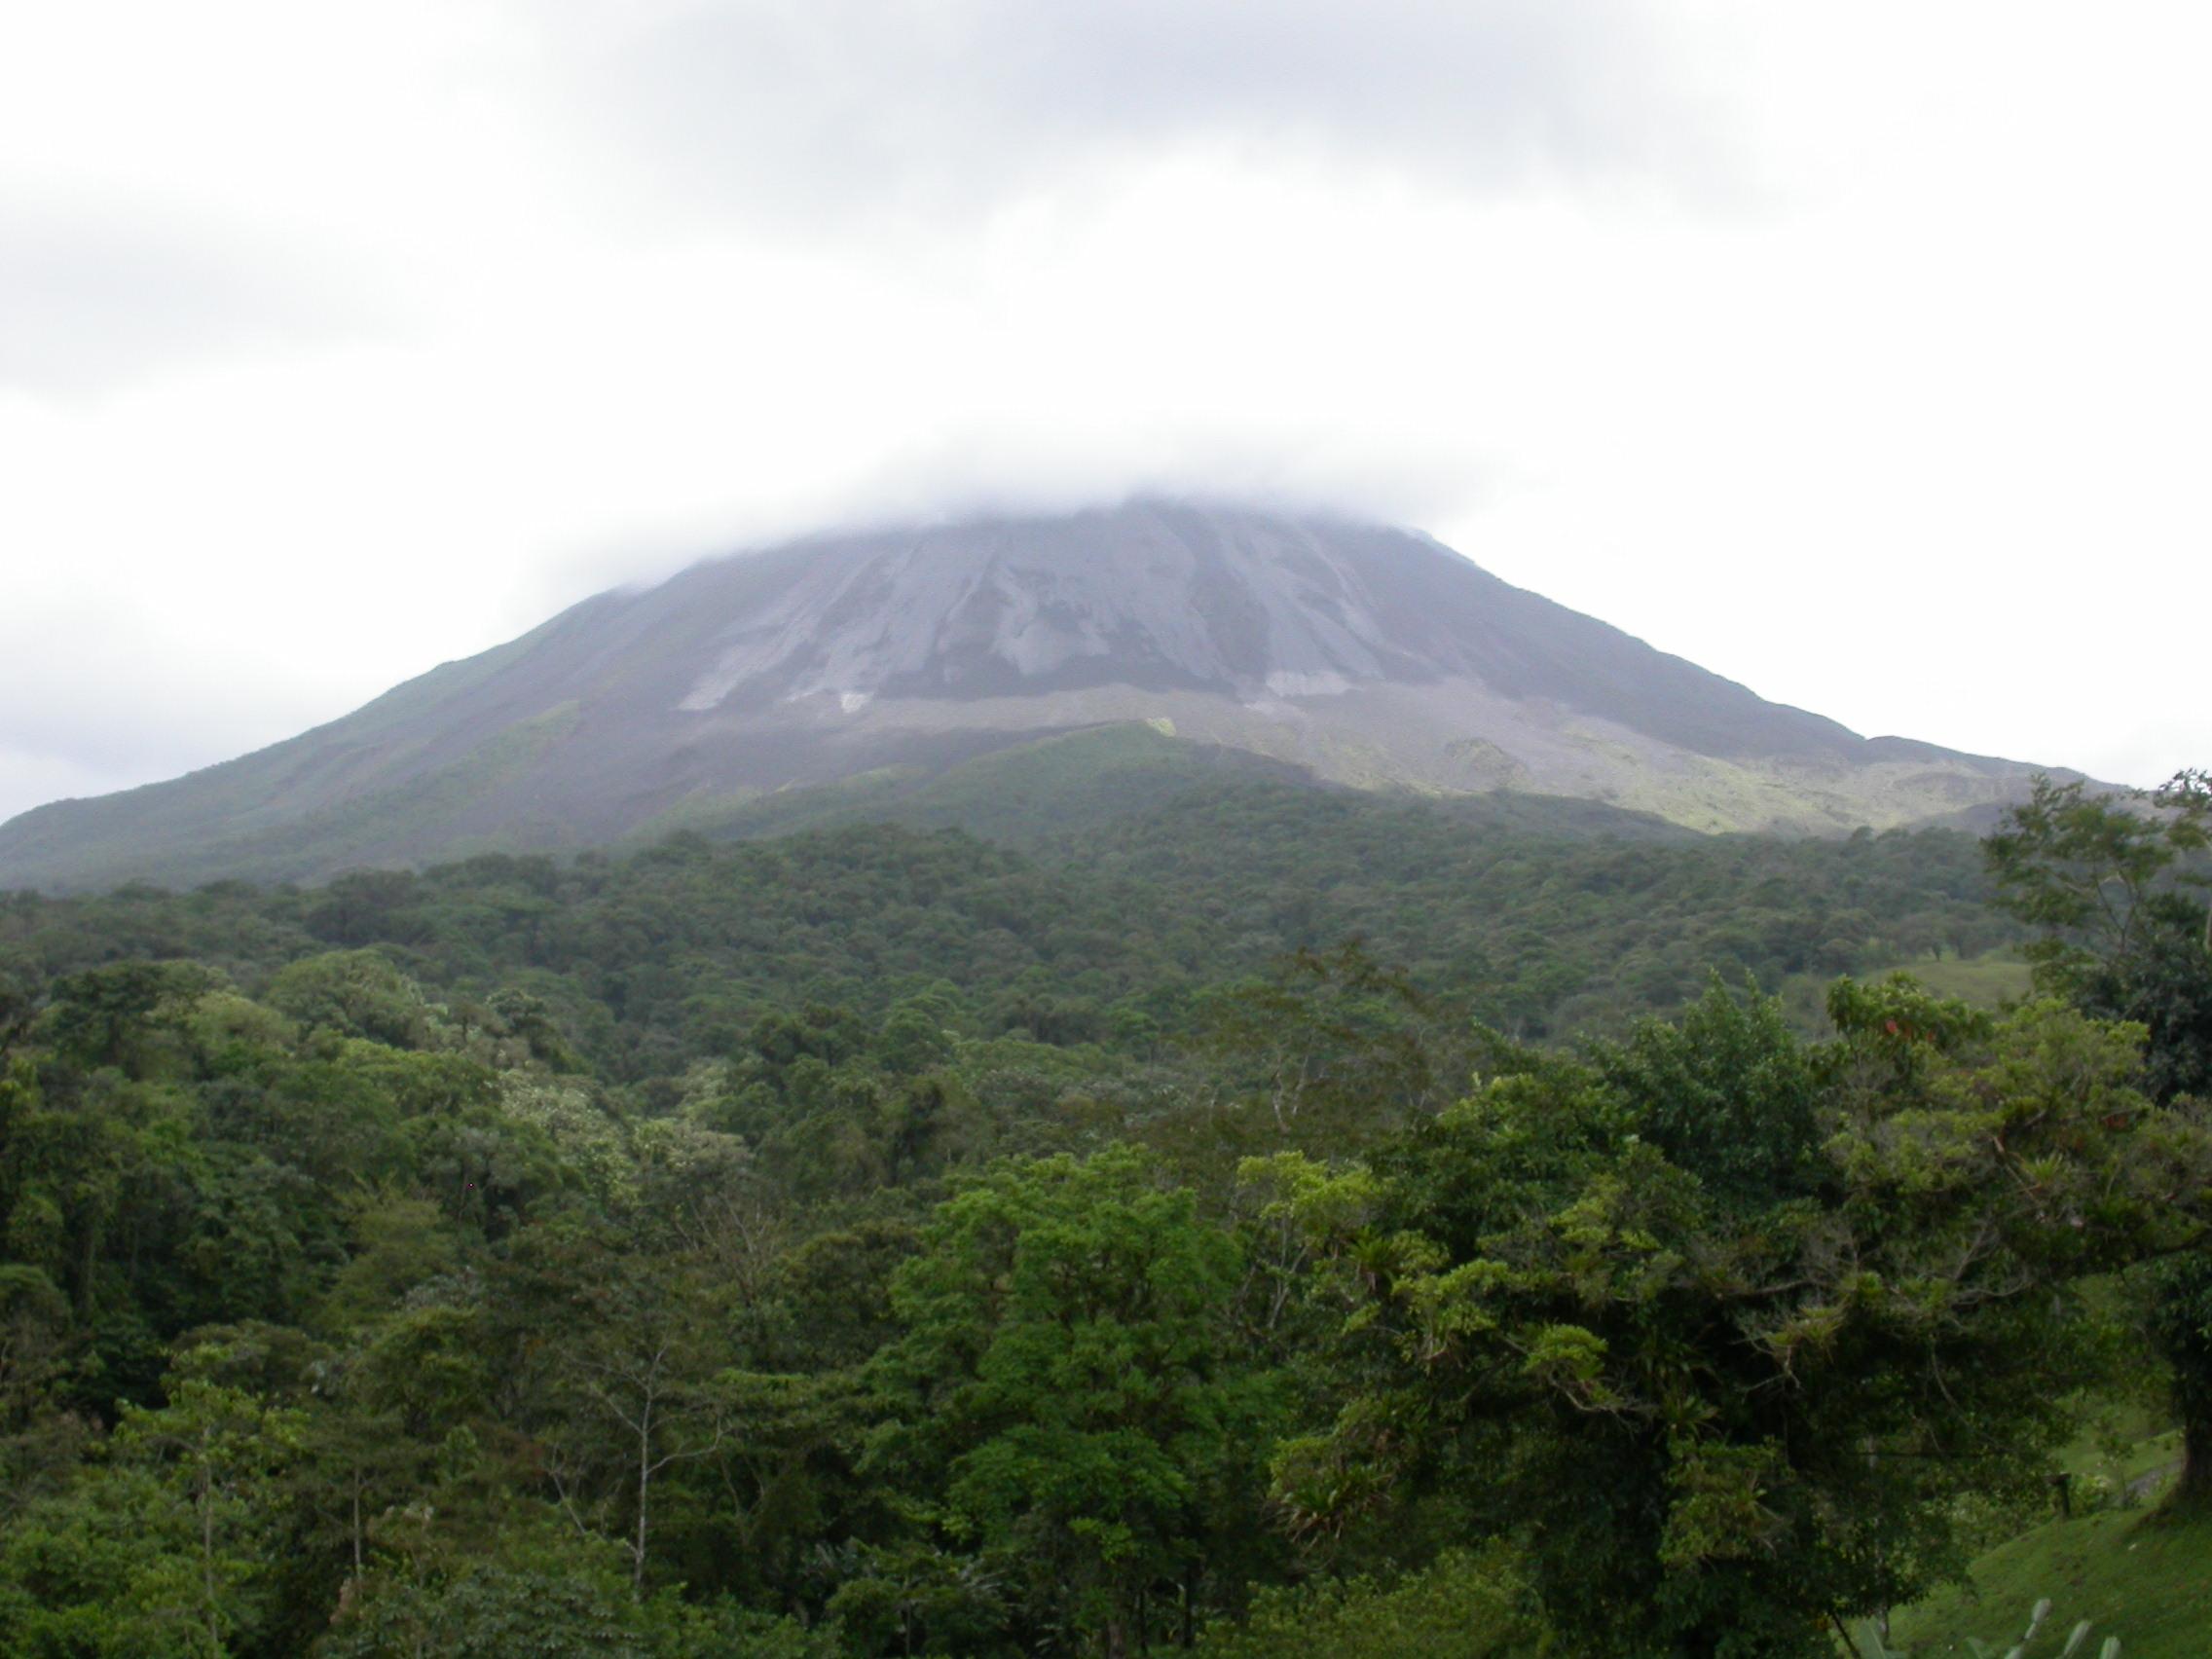 El volcán Arenal se considera activo aunque su última erupción fue en diciembre del año 2010. Foto: Marco Dettling